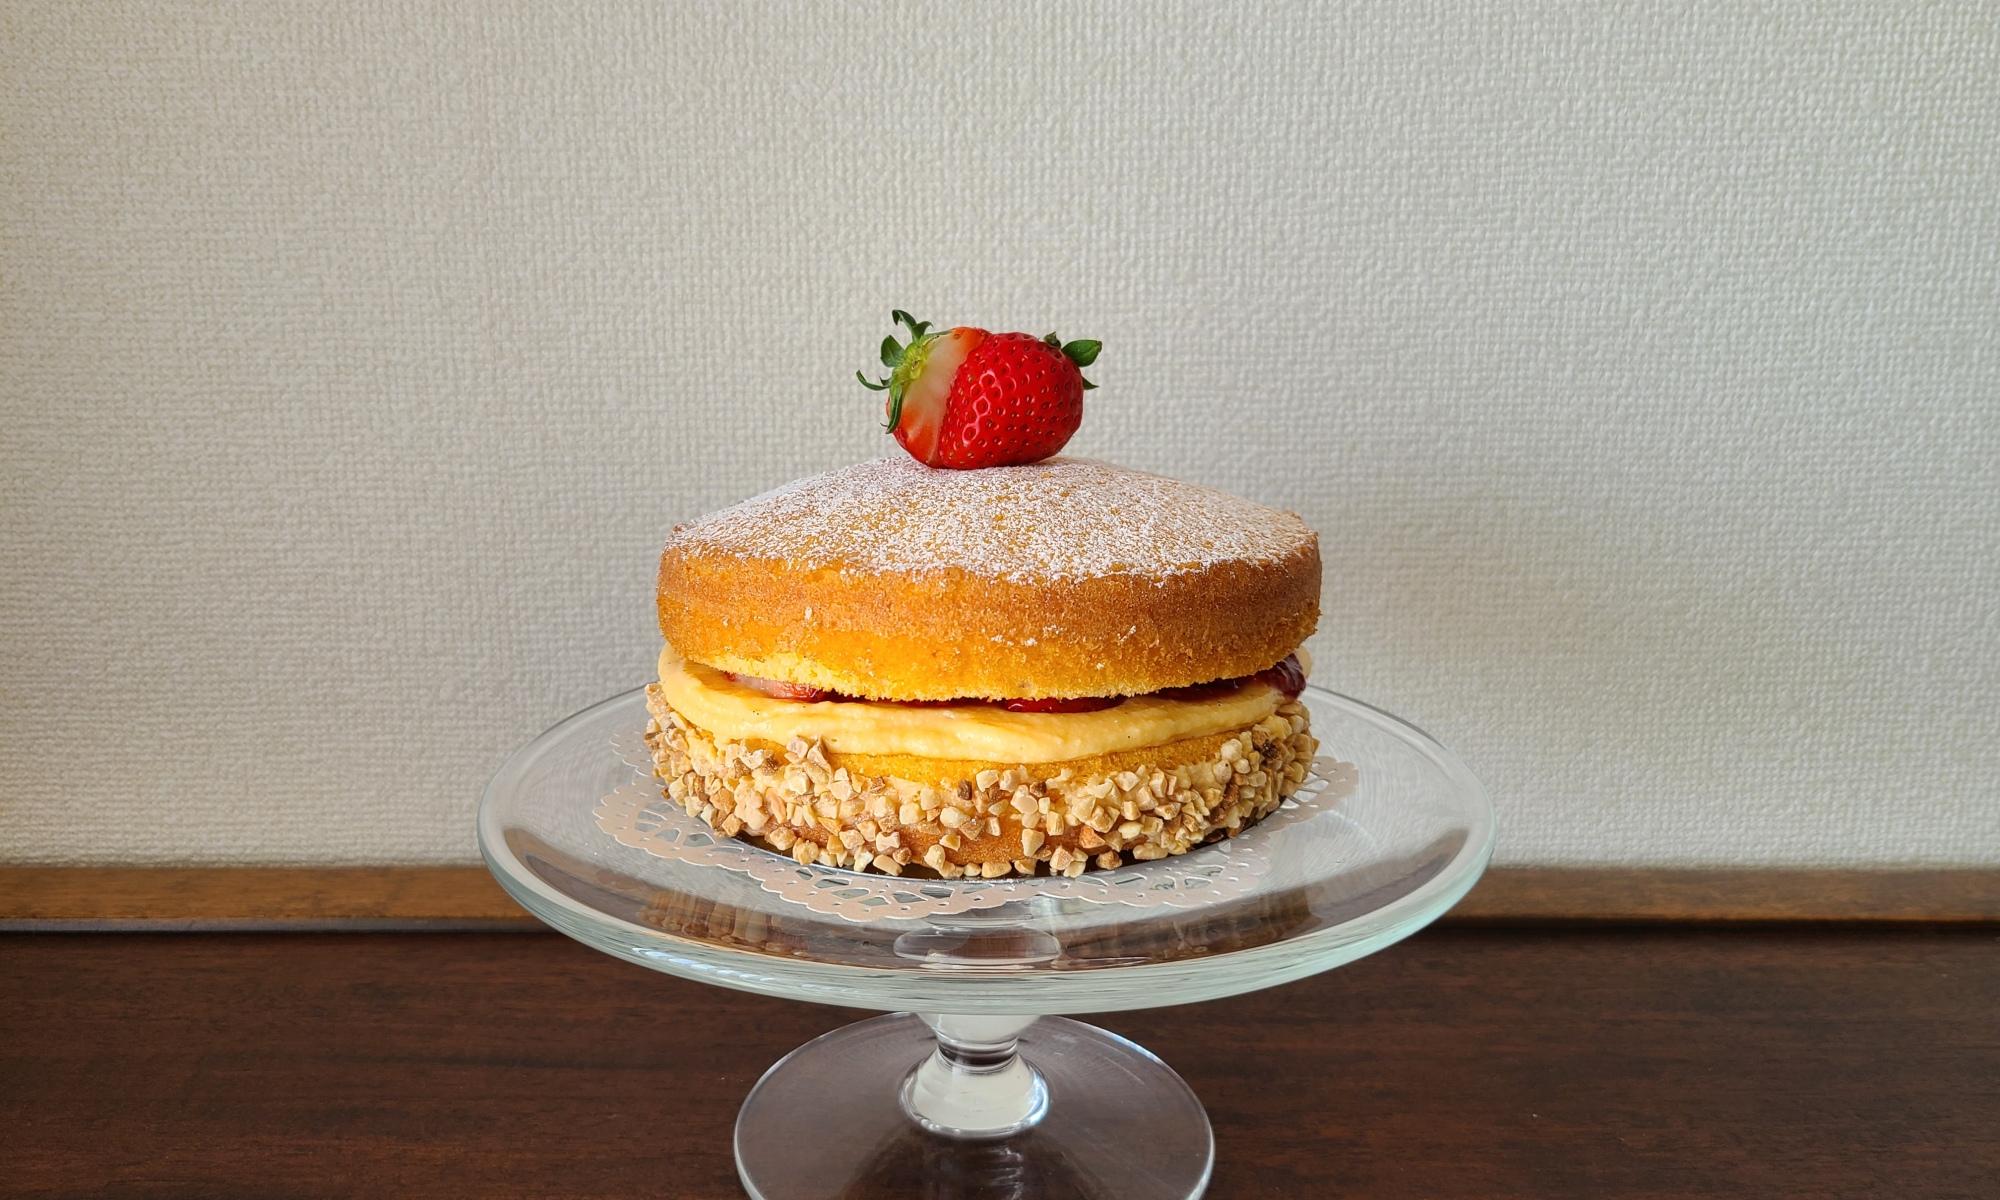 ガラスのケーキスタンドにビクトリアンケーキ